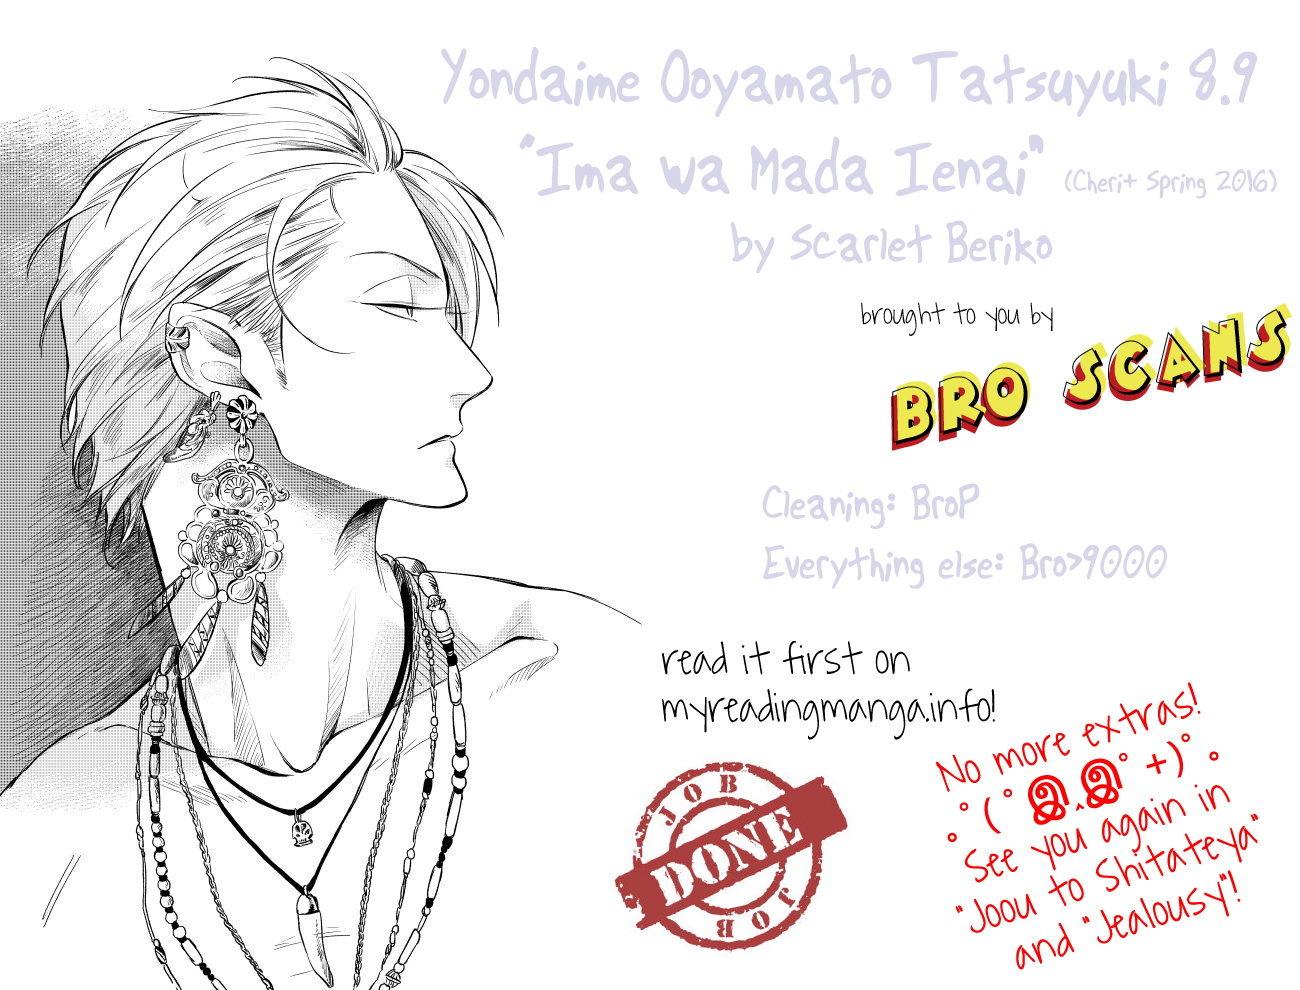 Yondaime Ooyamato Tatsuyuki - Chapter 15